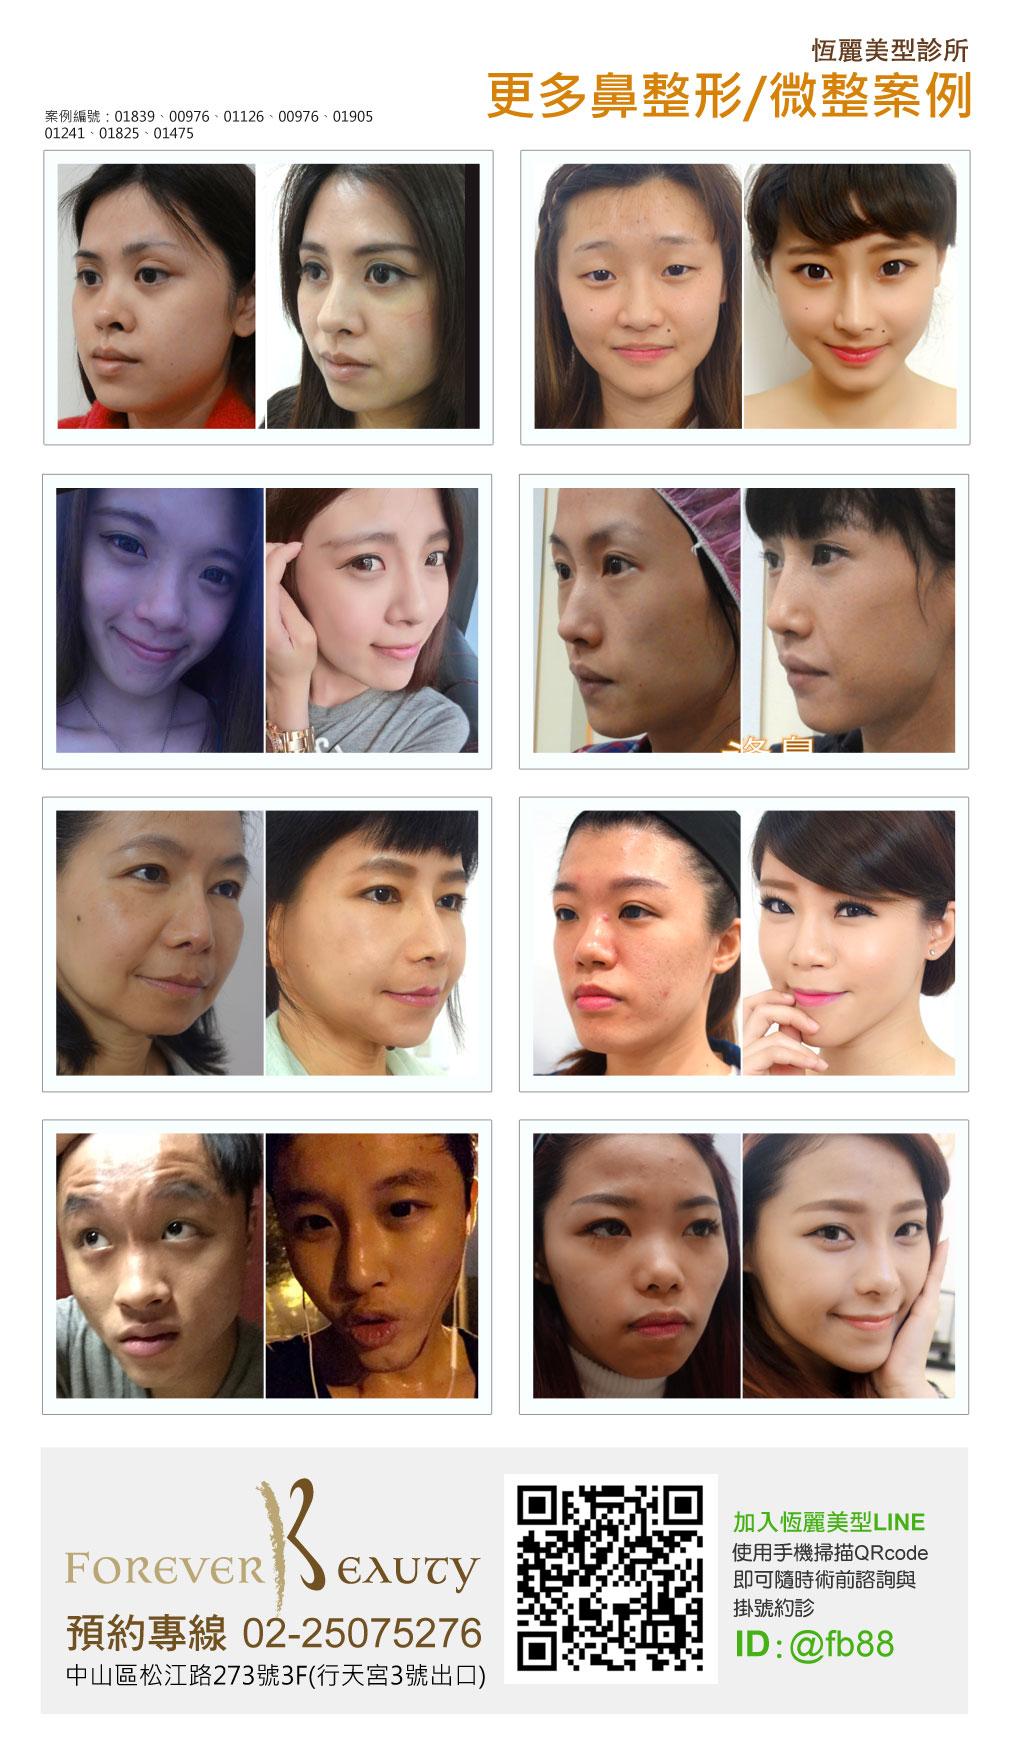 隆鼻案例推薦_恆麗美型_整形推薦_蔡家碩_隆鼻微整_隆鼻手術價格